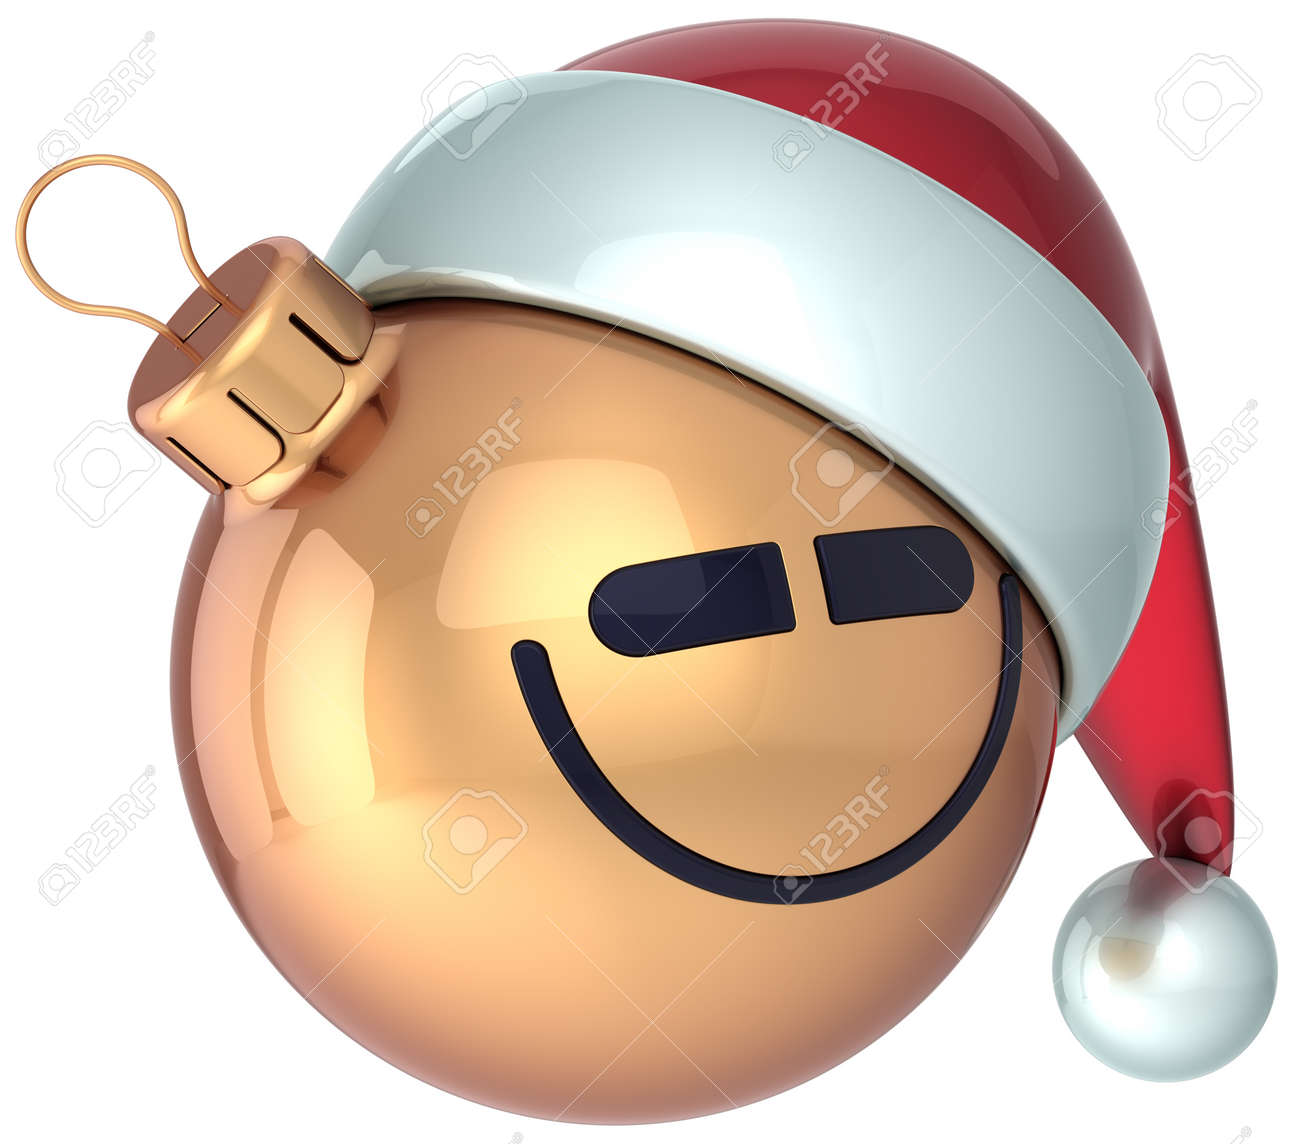 サンタ帽子アイコン装飾メリー クリスマス休日うれしそうな面白いキャラクター グッズ概念冬季アバターを笑顔笑顔クリスマス ボール金新年あけましておめでとうございます安物の宝石 の写真素材 画像素材 Image